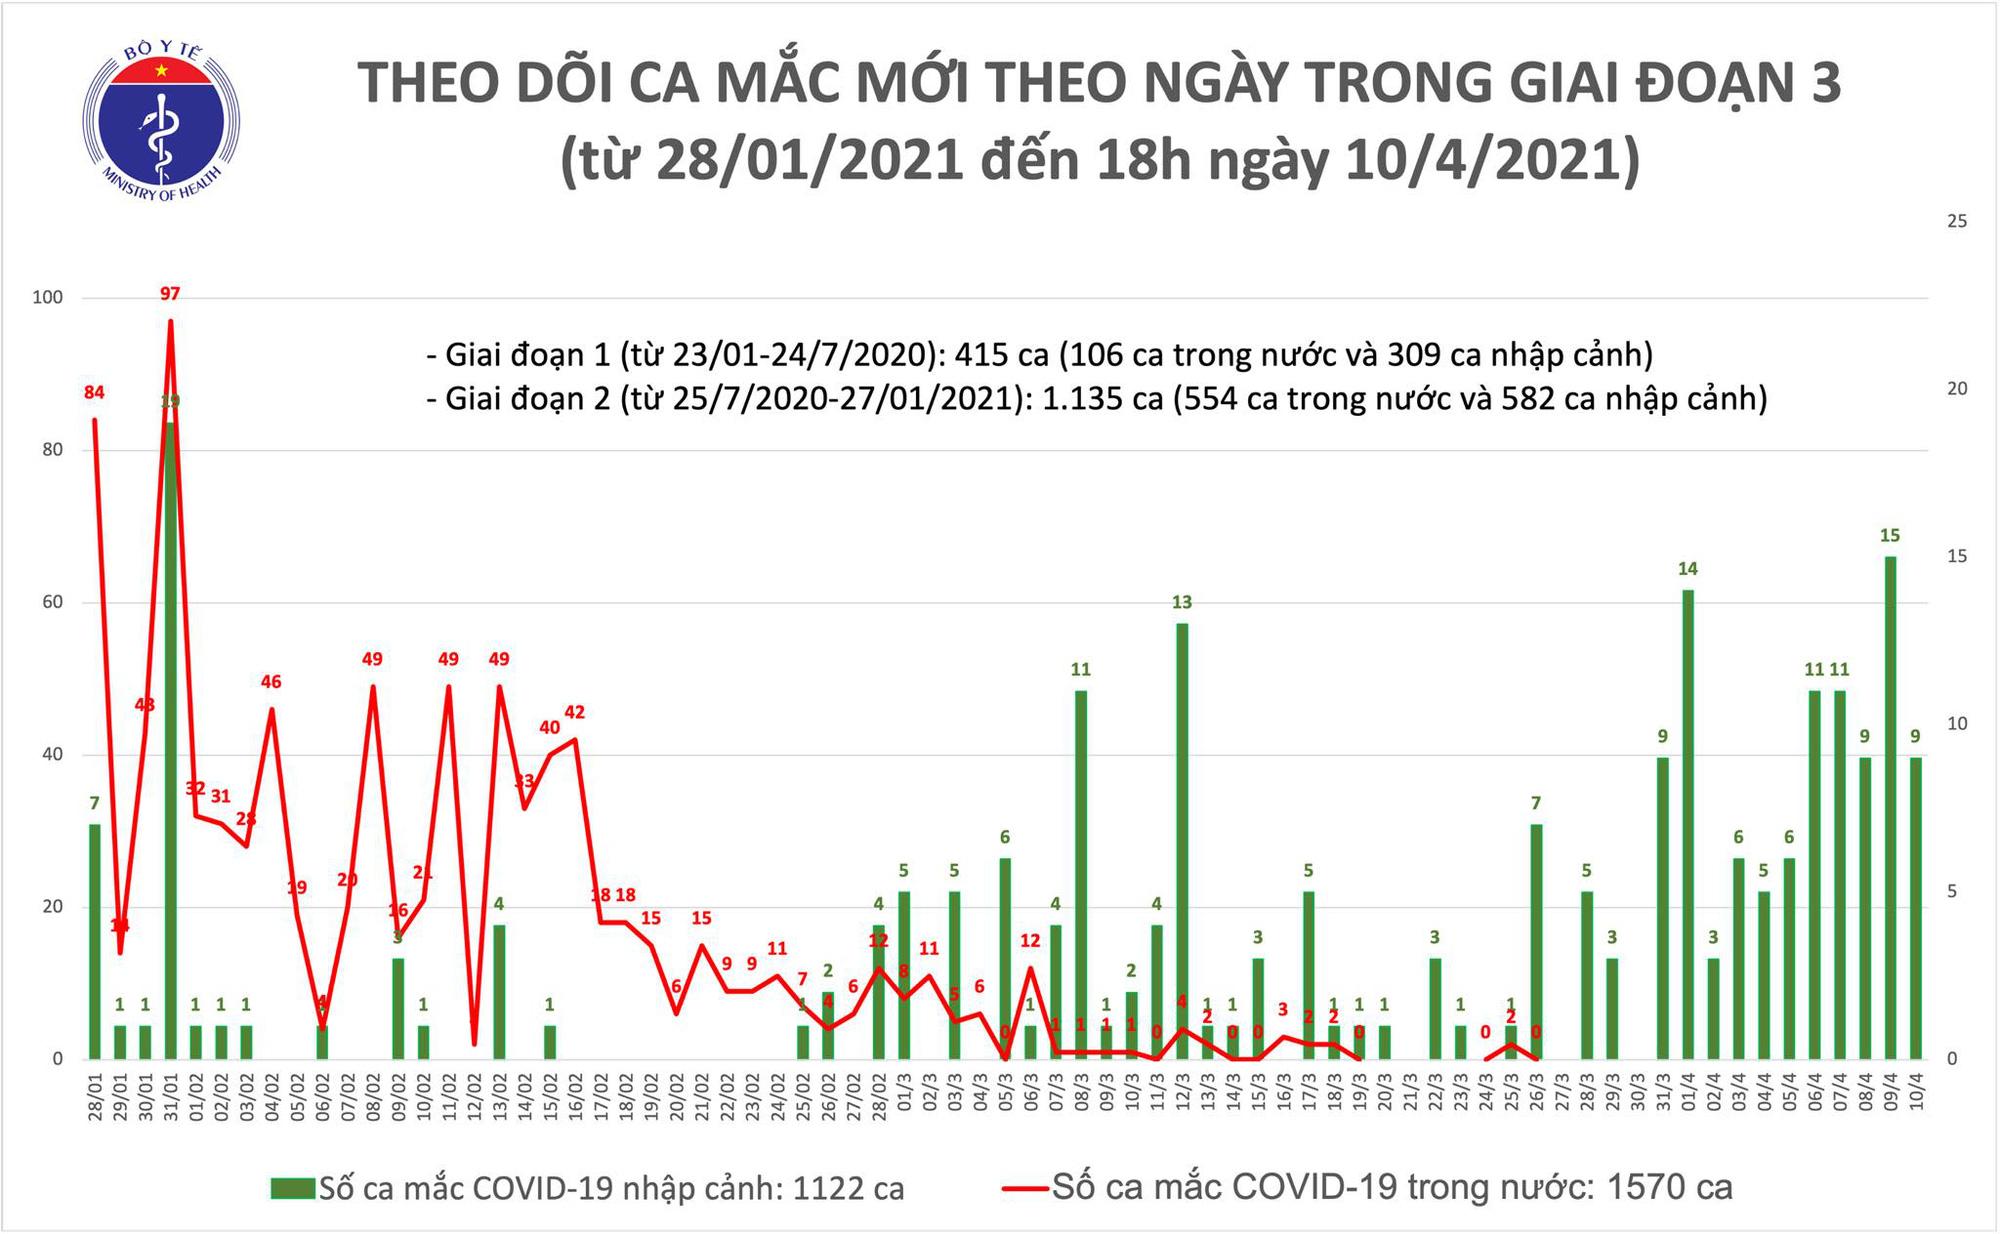 Chiều 10/4, Việt Nam có 9 ca Covid-19 mắc mới - Ảnh 1.